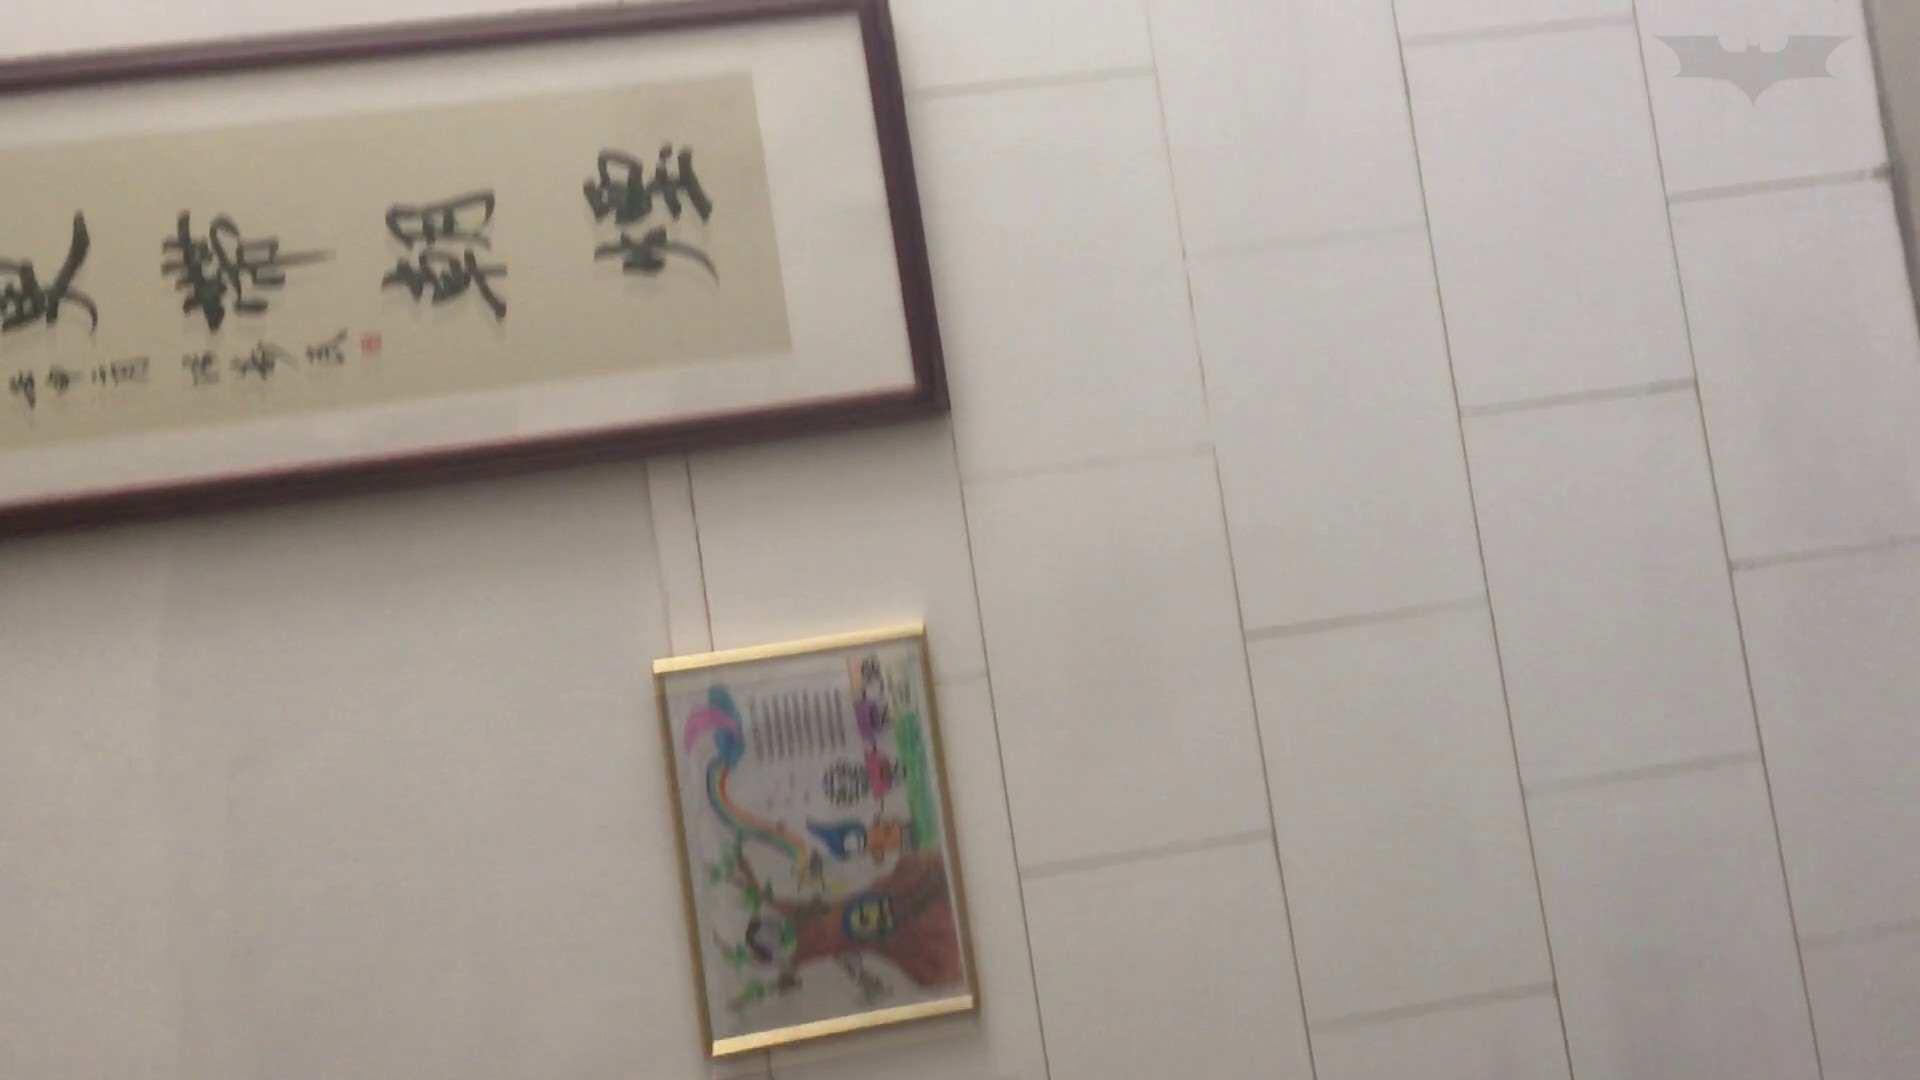 芸術大学ガチ潜入盗撮 JD盗撮 美女の洗面所の秘密 Vol.81 トイレ 盗み撮り動画キャプチャ 83pic 23